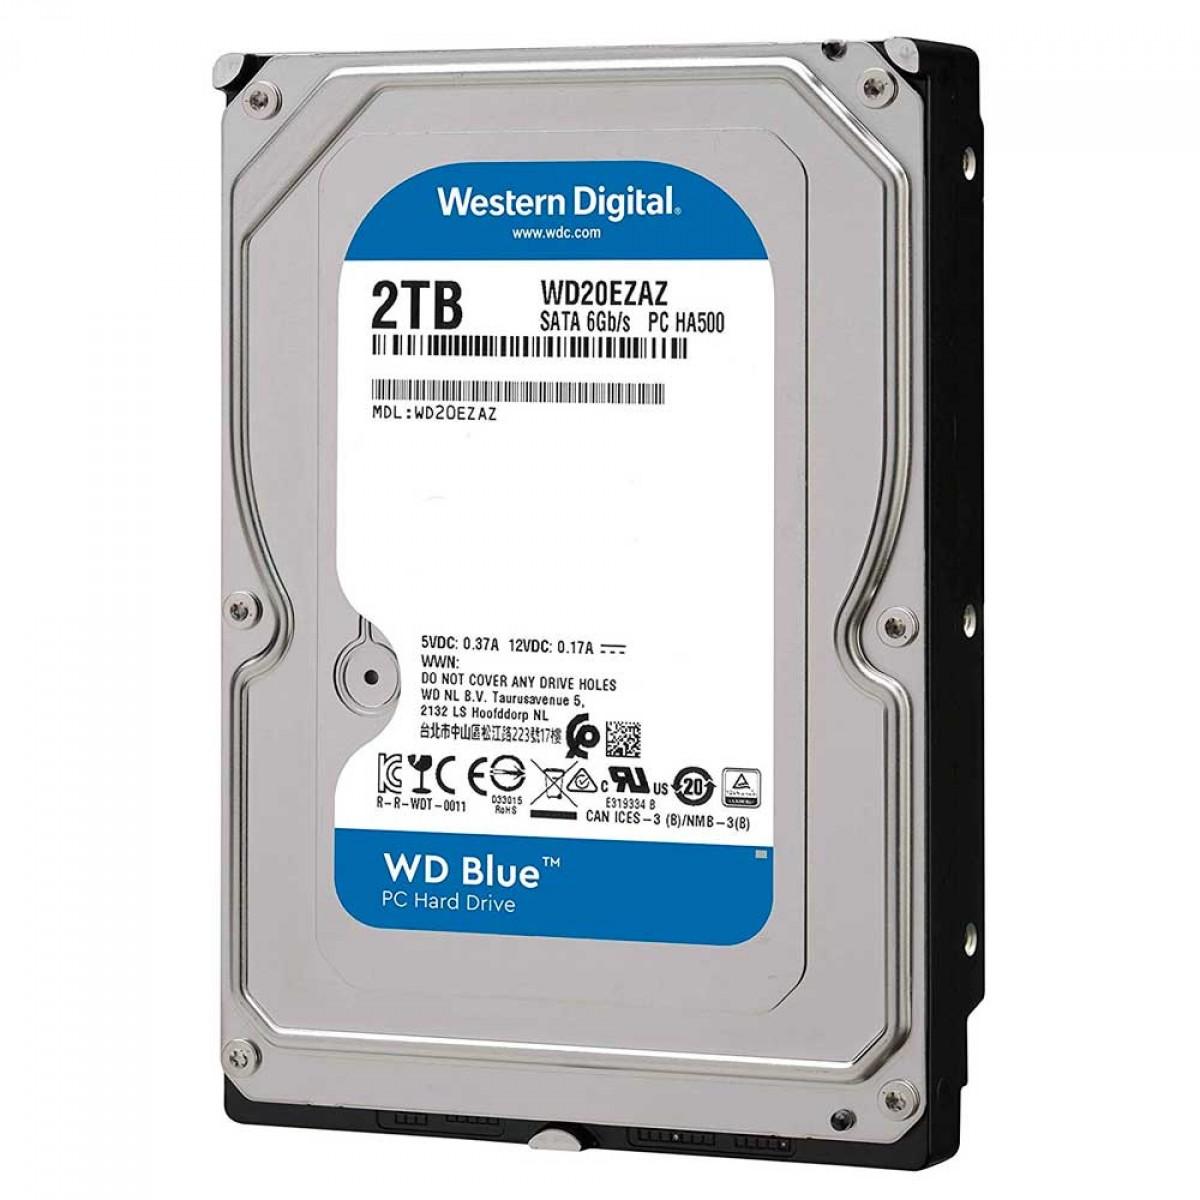 HD Western Digital Blue, SATA III, 2TB, 5400RPM, 256MB, WD20EZAZ